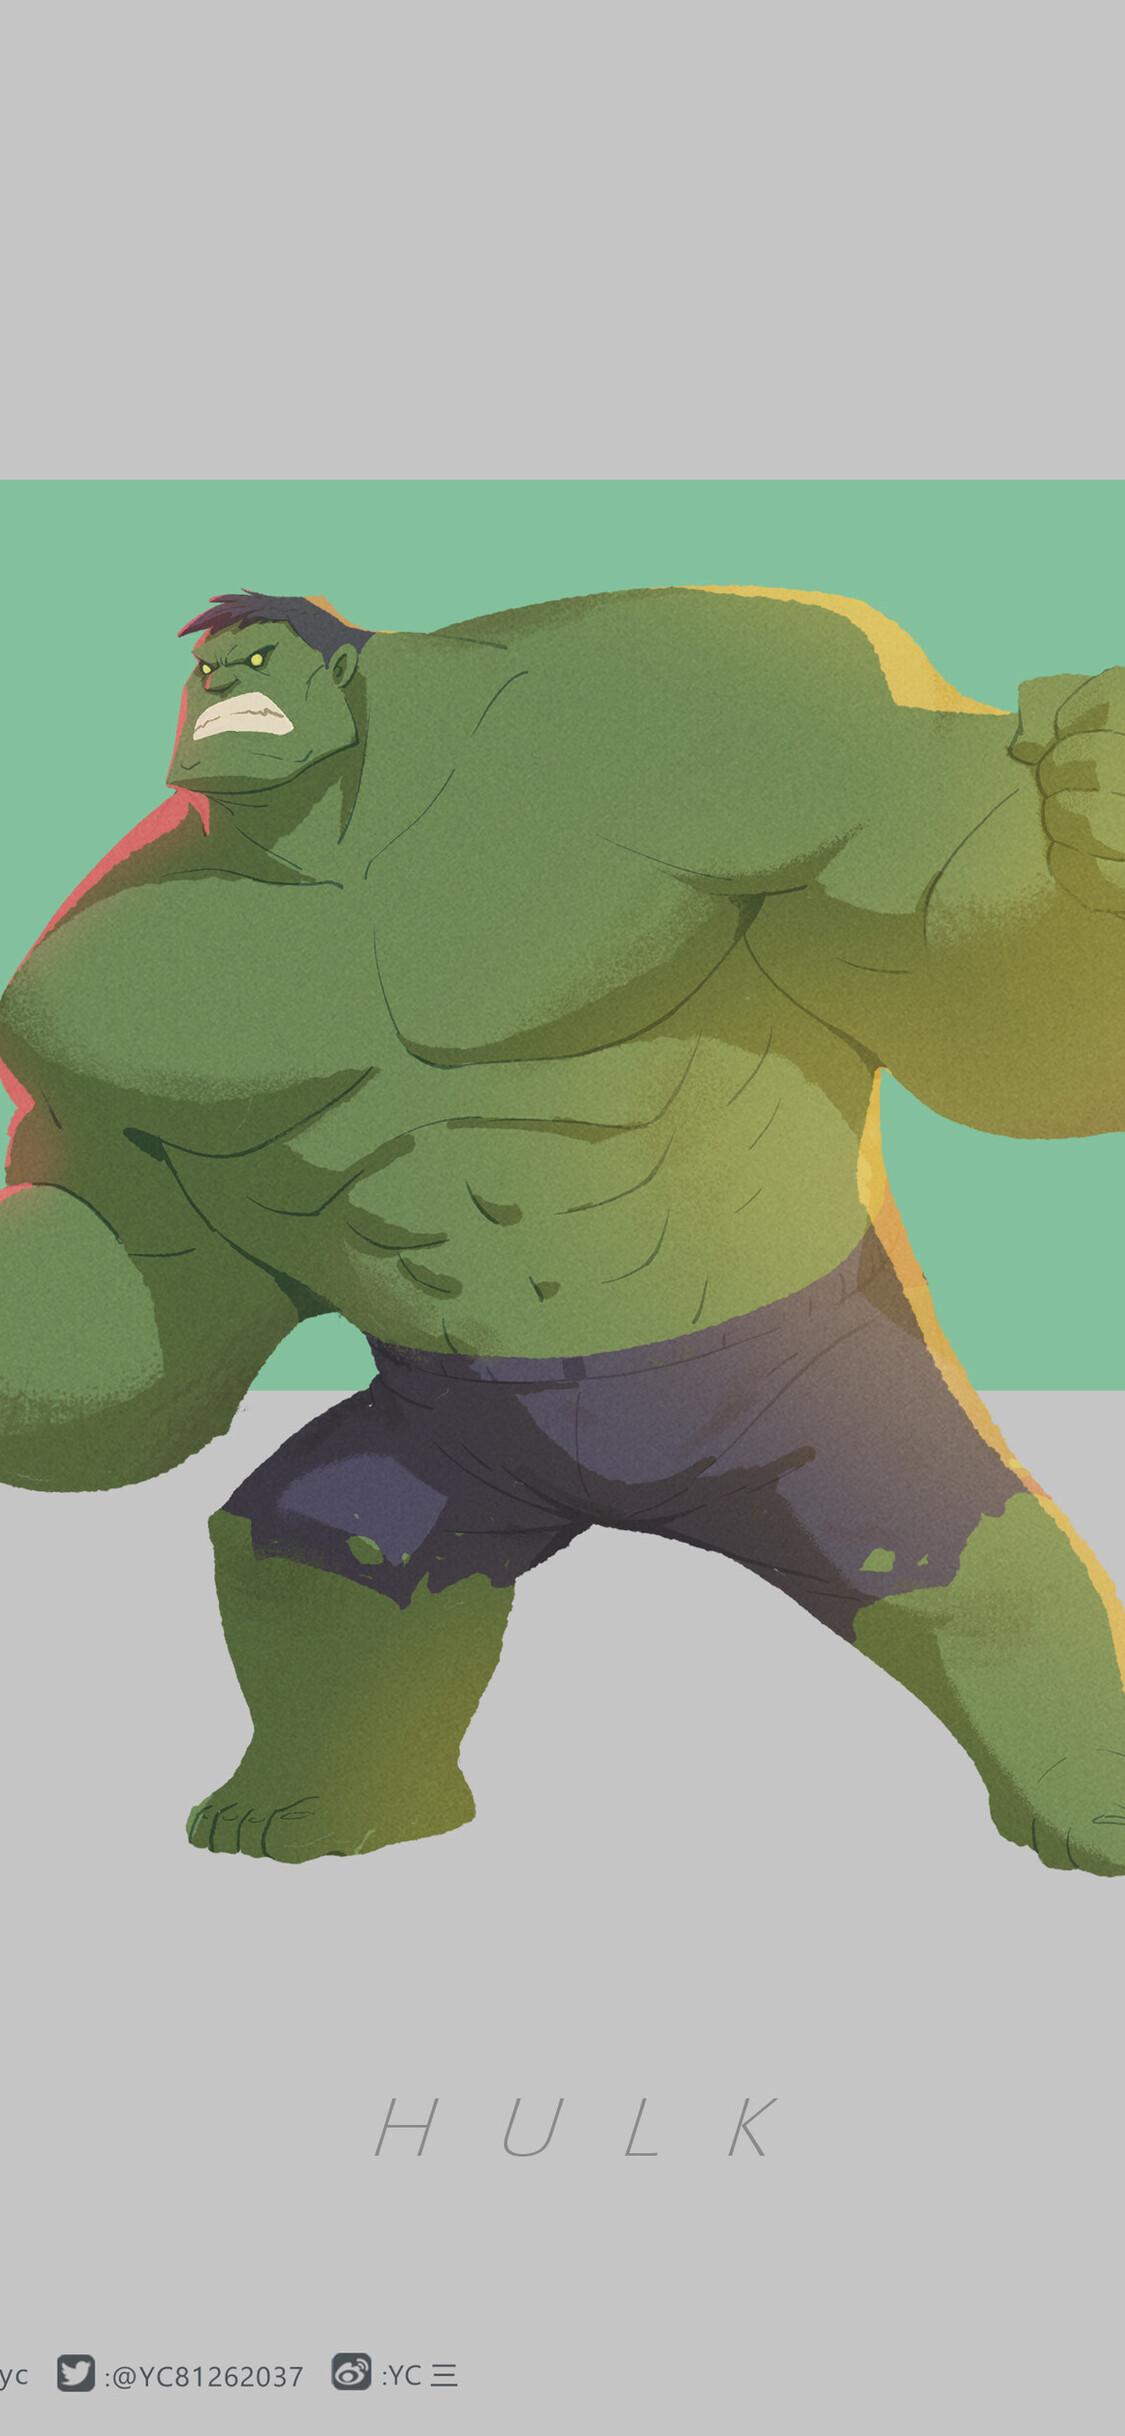 hulk-4kart-9i.jpg